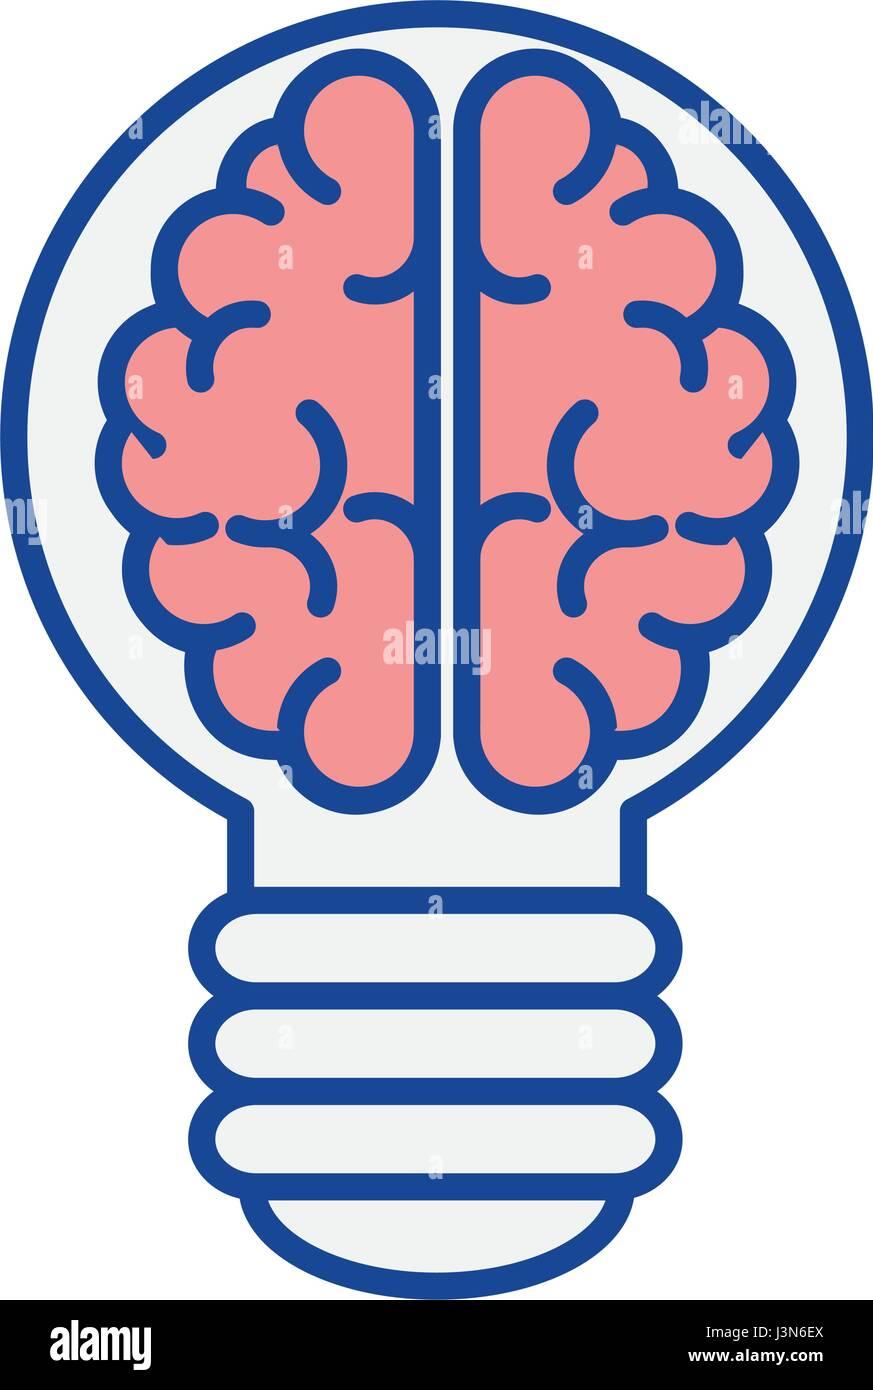 icono de bombilla de cerebro Imagen De Stock